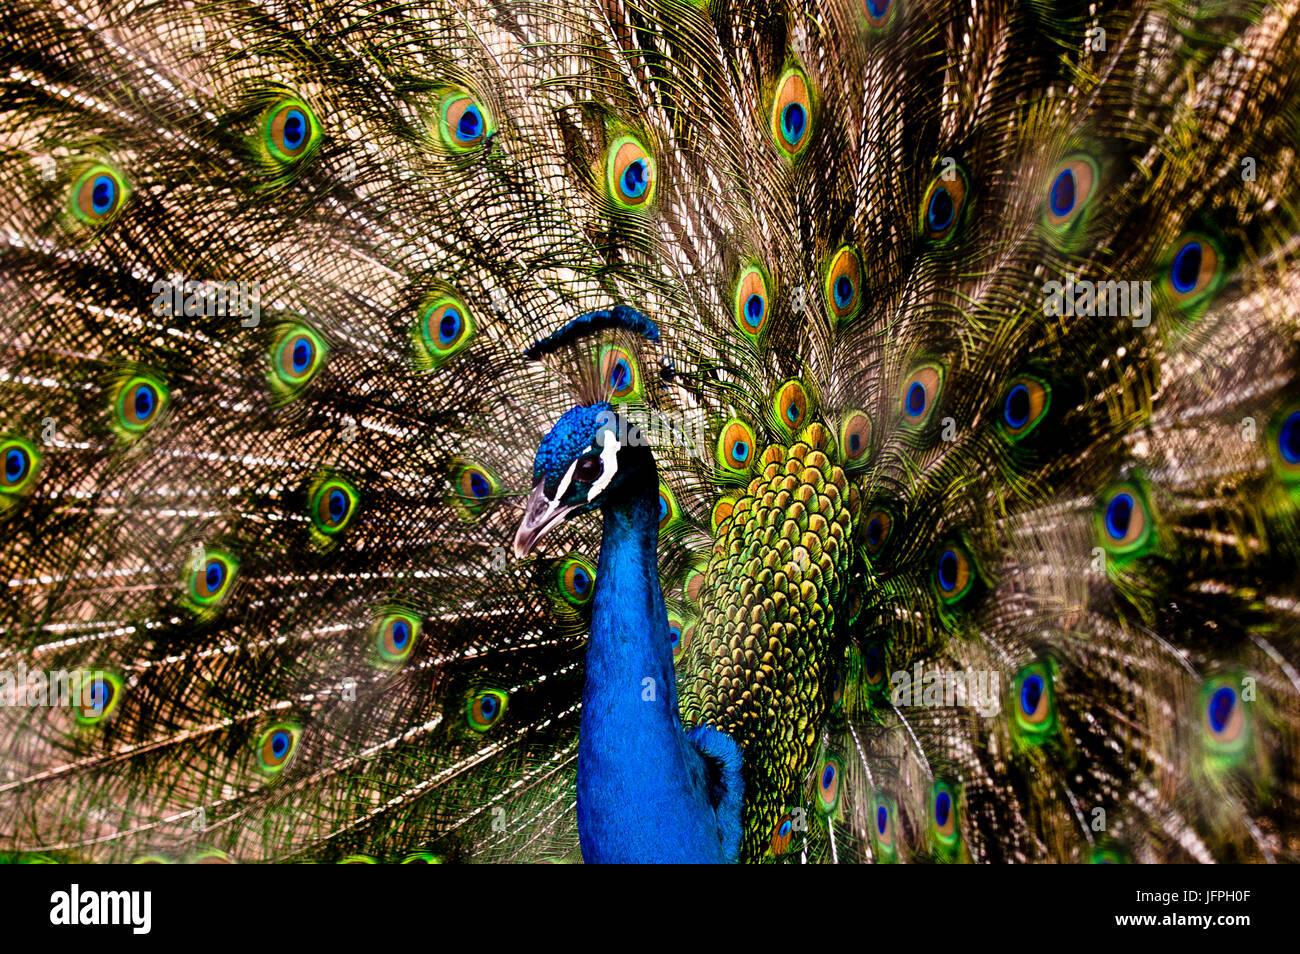 Colorido Peacok en el Zoo, Mexicali, Baja California, México. Imagen De Stock